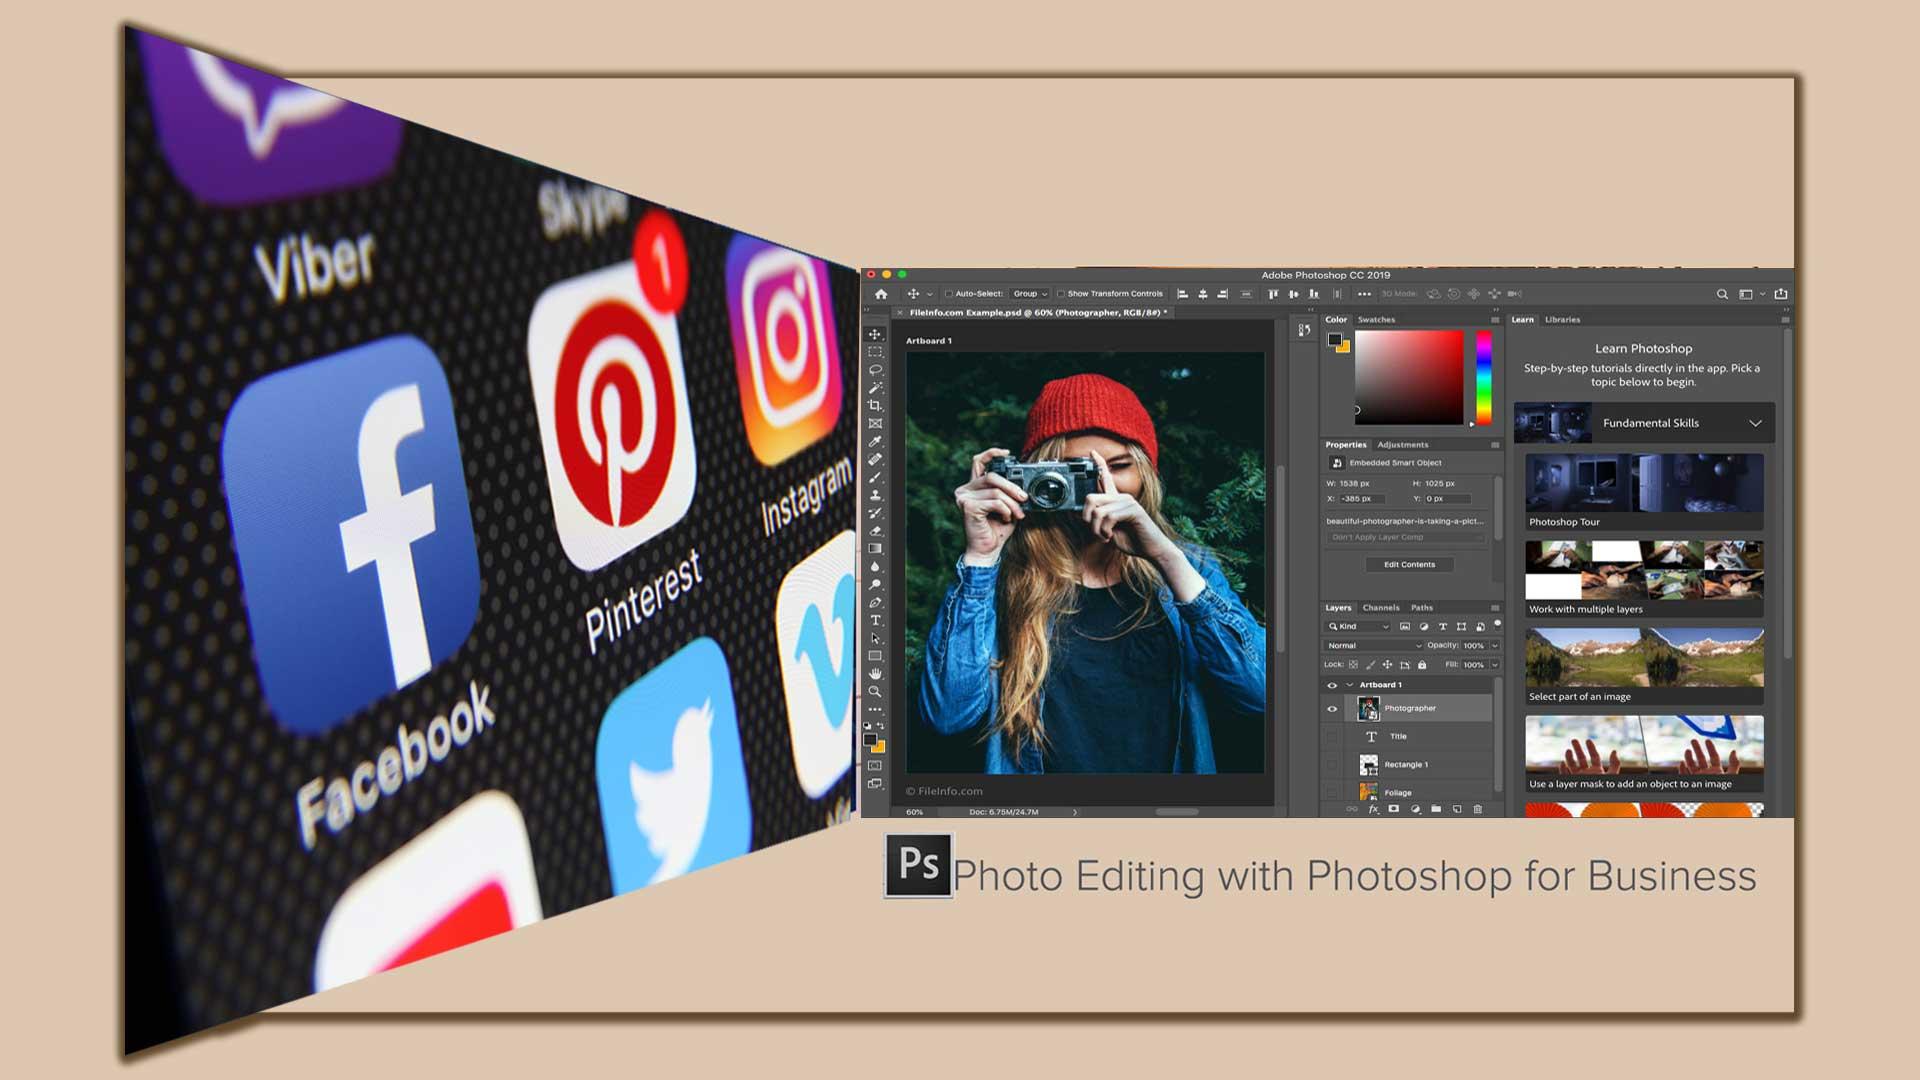 8 تا از مزایای اصلی ویرایش عکس با فتوشاپ برای کسب و کارتان